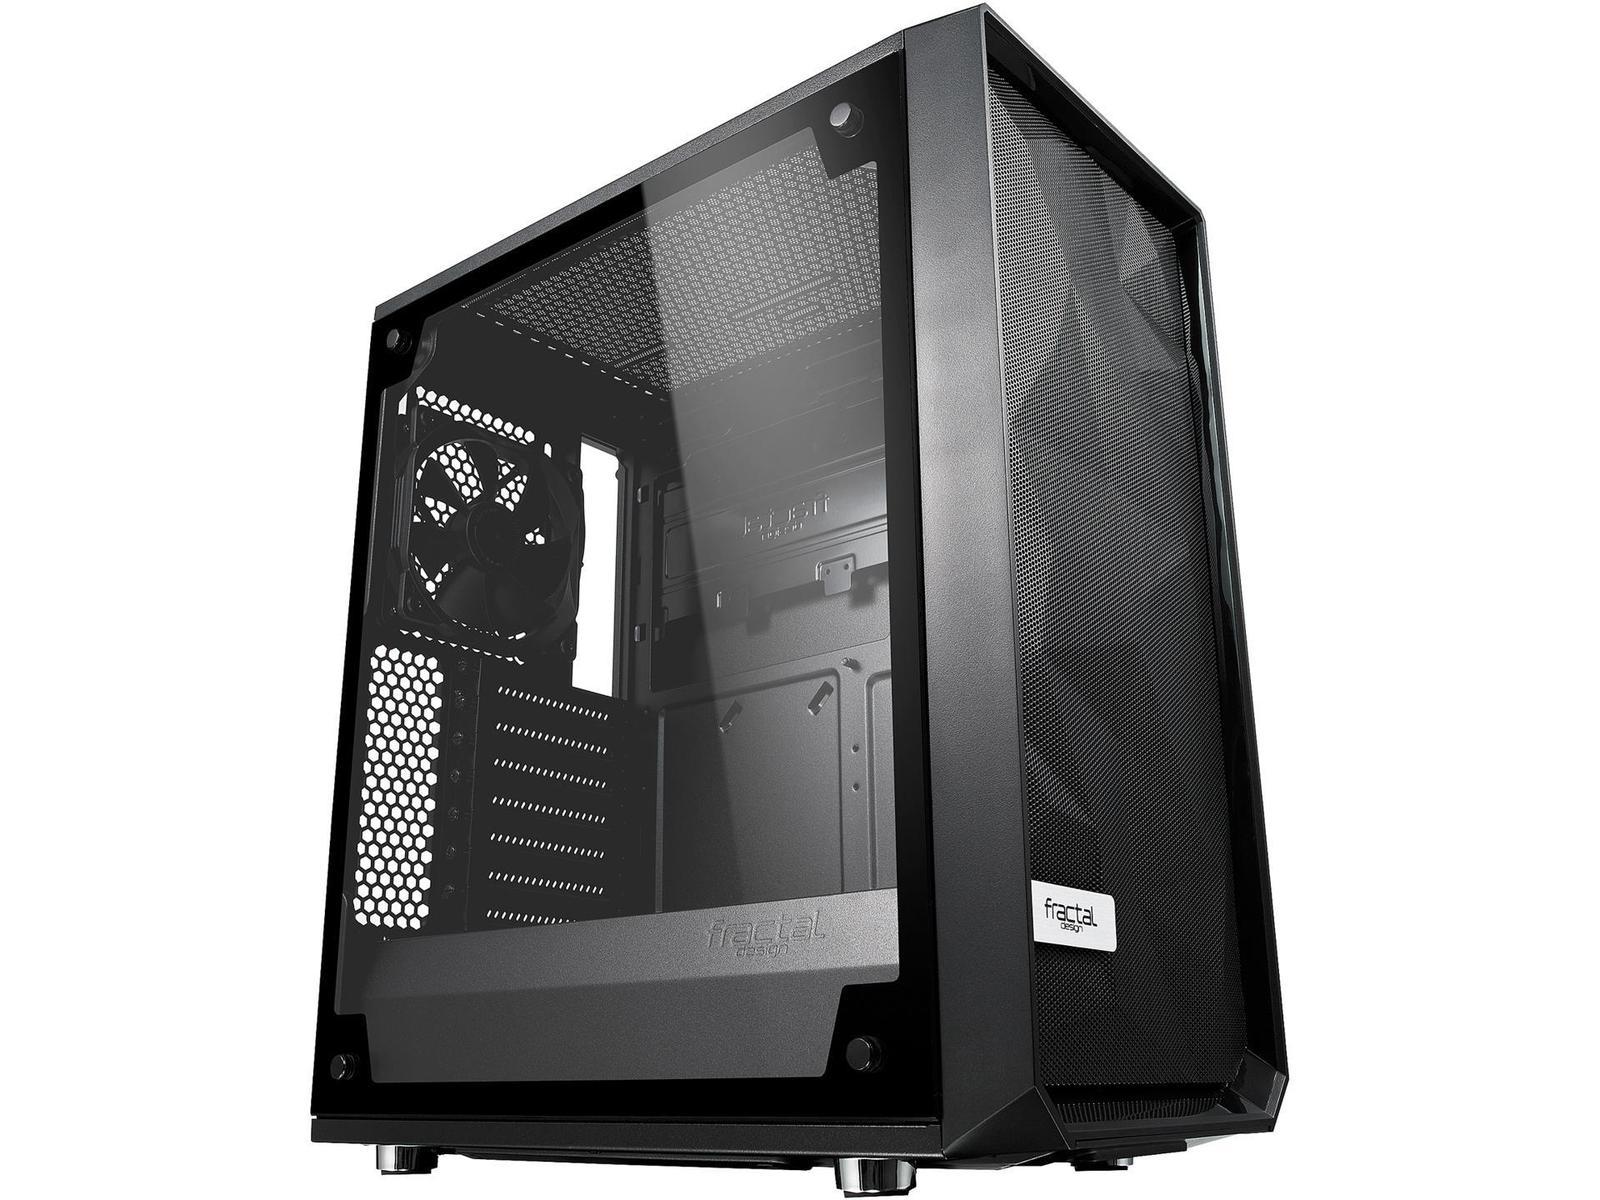 Image of Elite Gaming PC